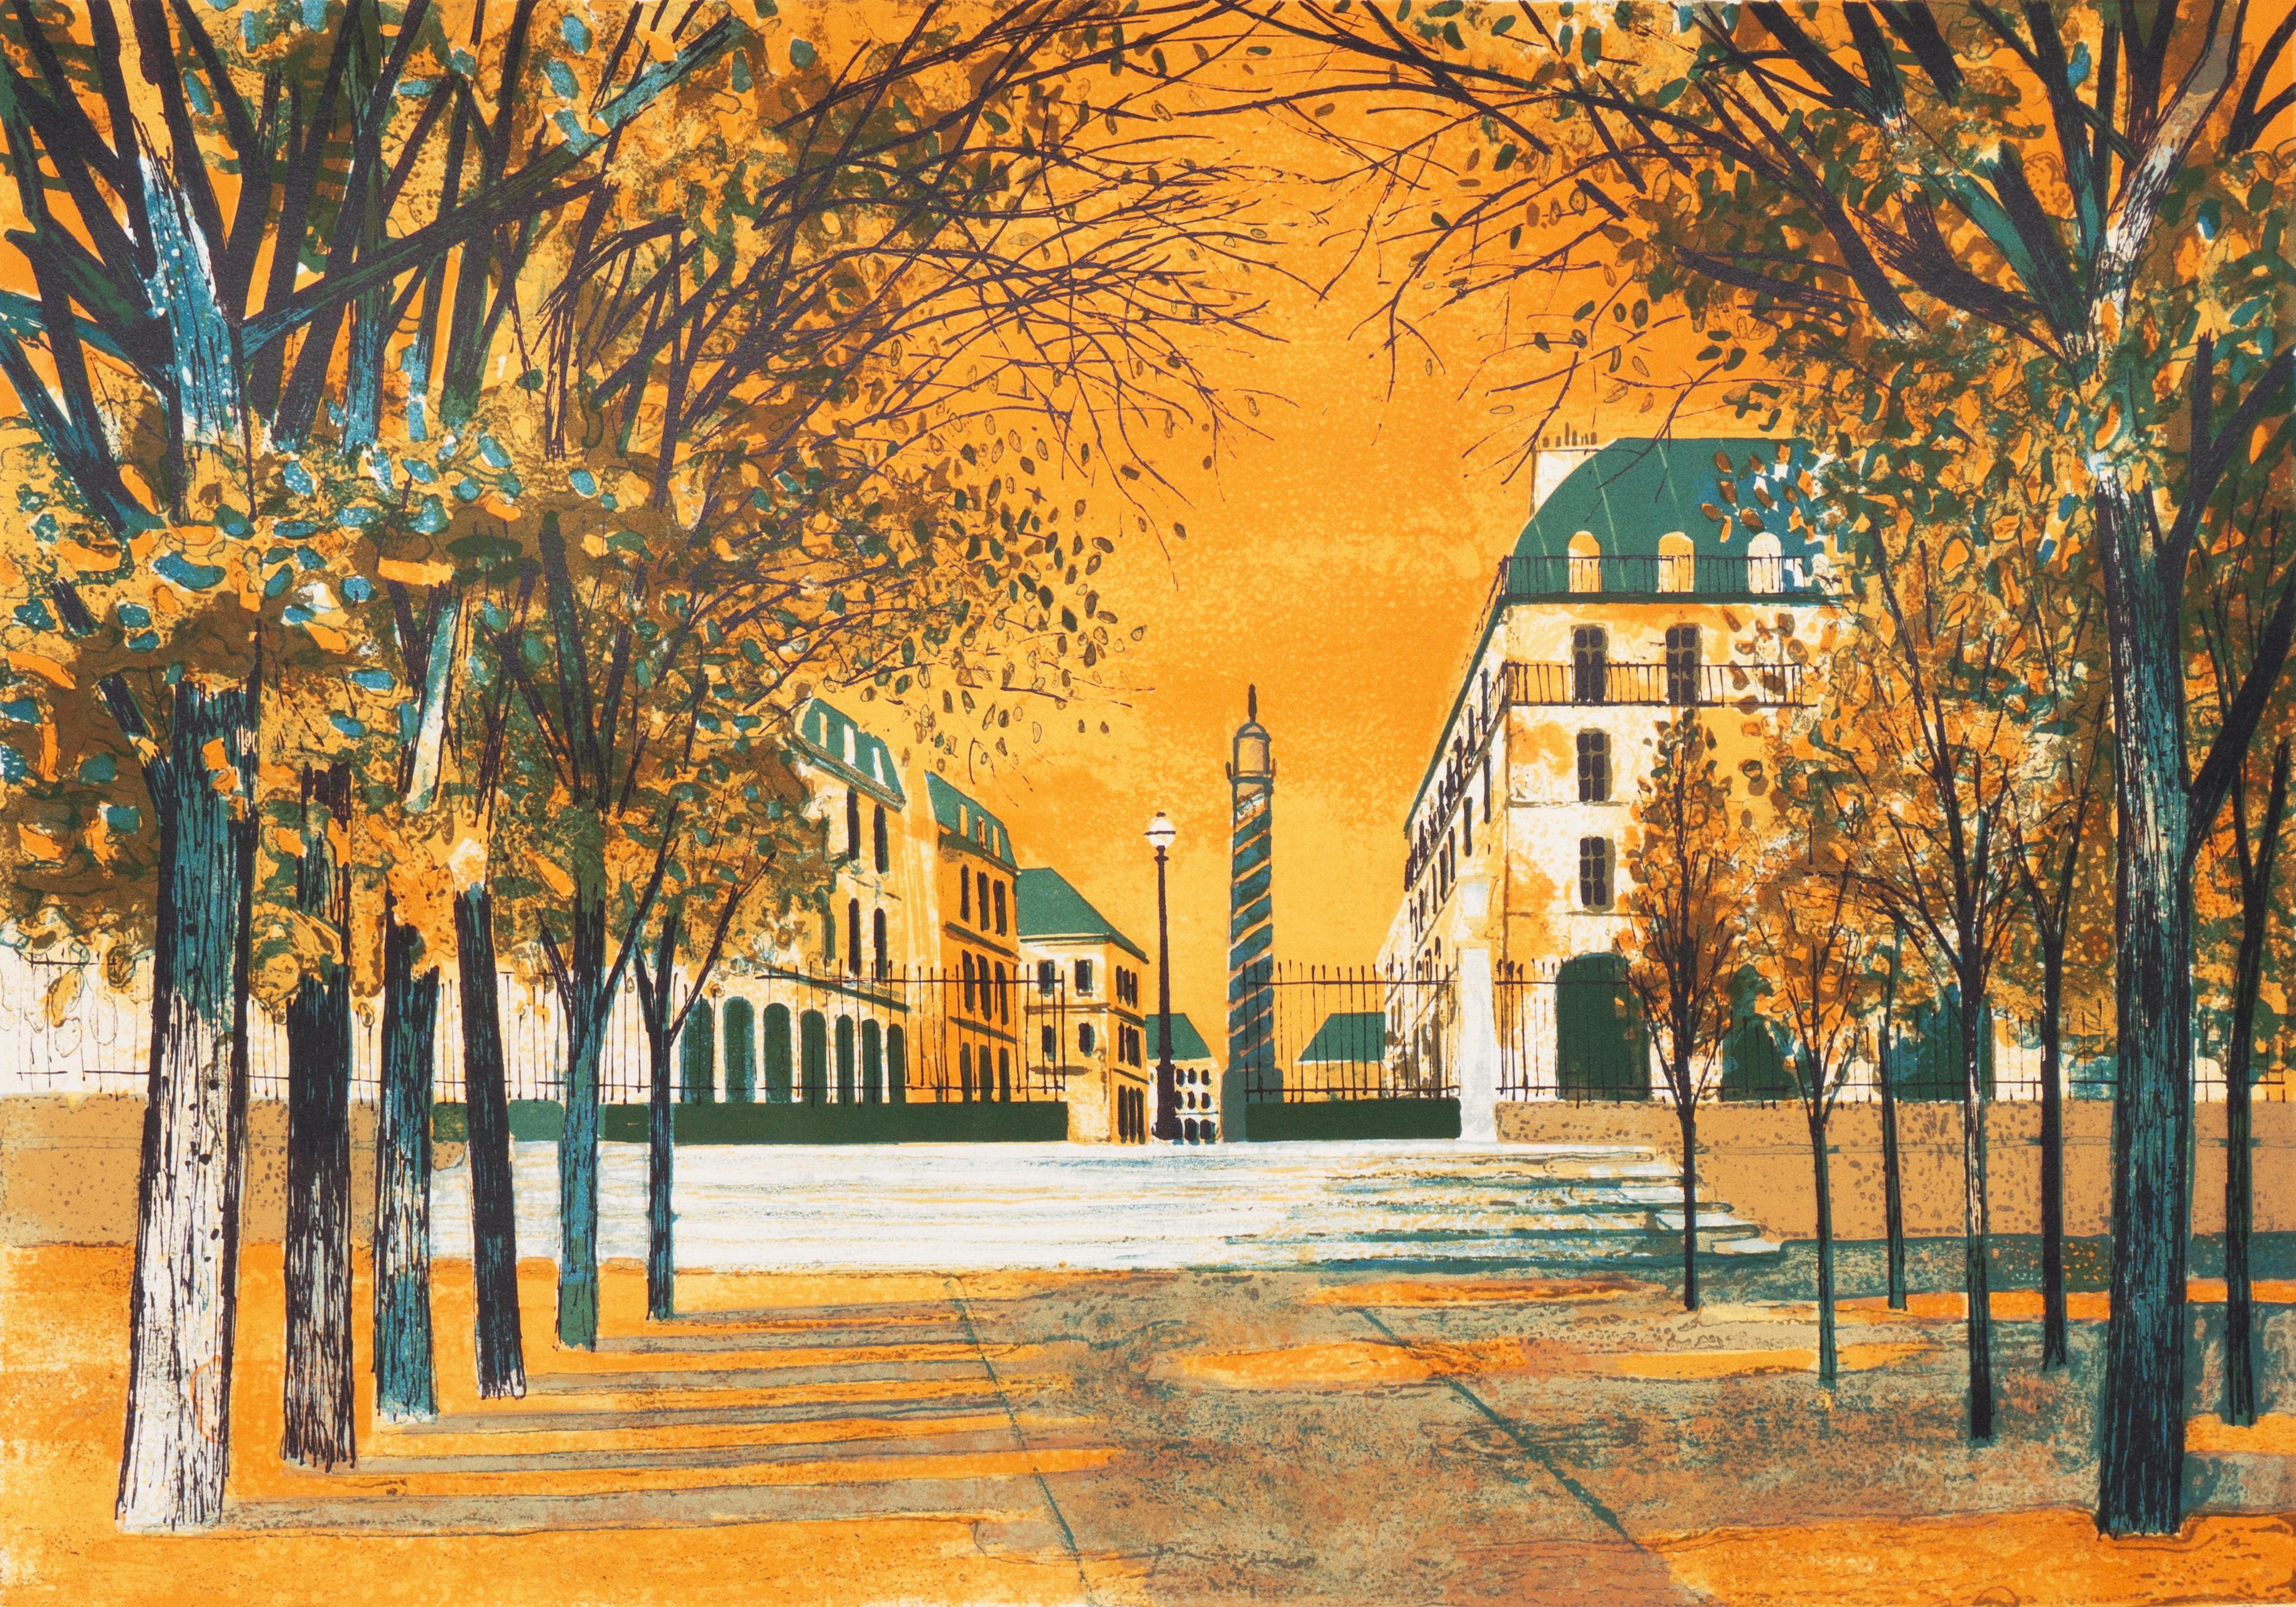 'View of the Place Vendôme', Musée d'Art Moderne Paris, Academie Julian, Benezit